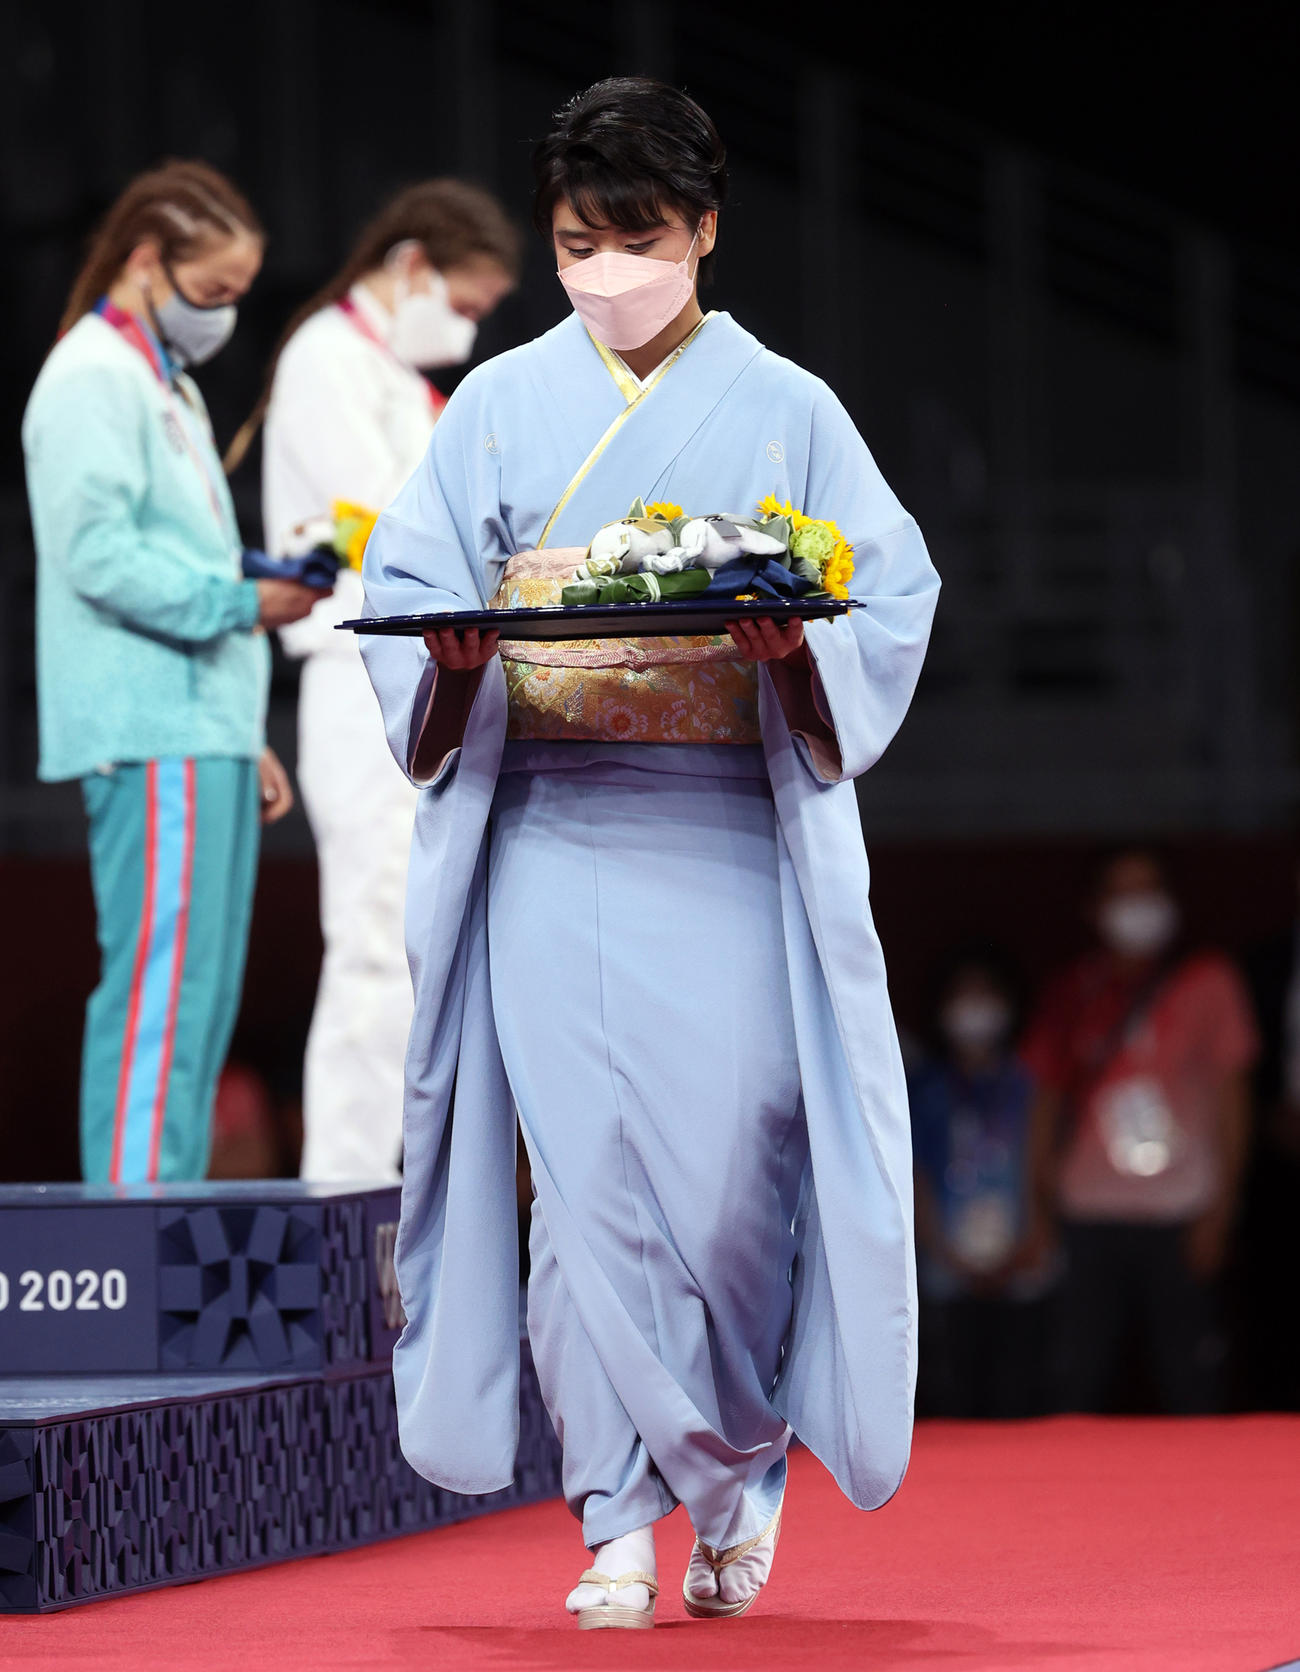 女子フリースタイル50キロ級の表彰式にプレゼンターとして着物姿で登場した伊調馨さん(撮影・パオロ・ヌッチ)